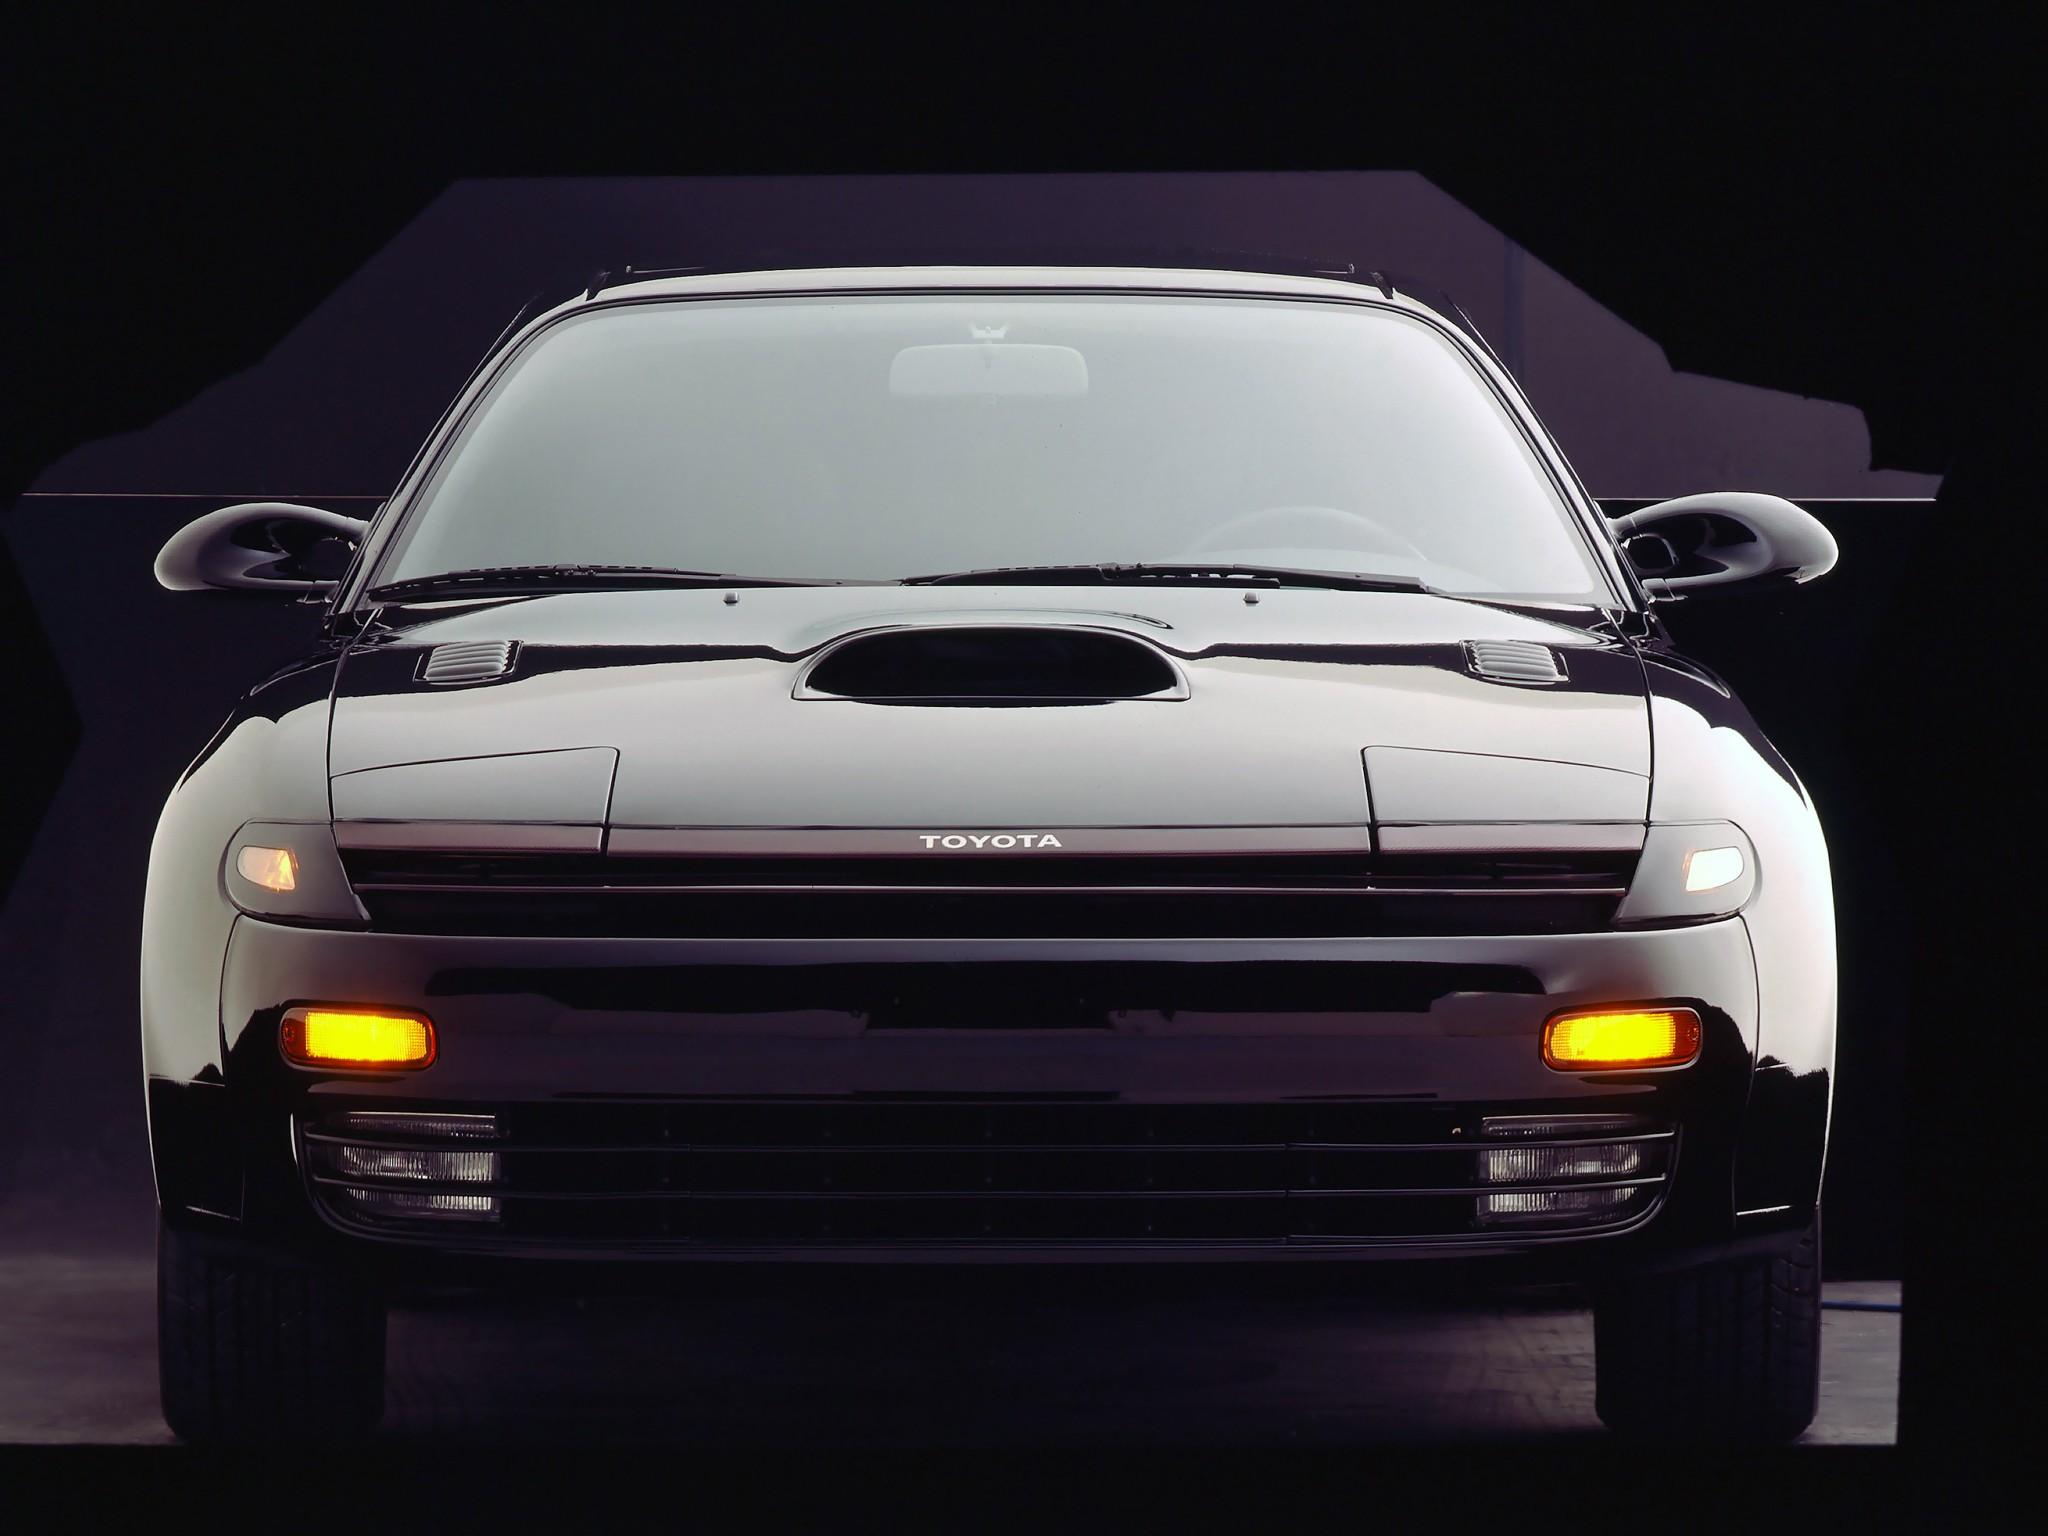 Toyota Celica Specs Amp Photos 1990 1991 1992 1993